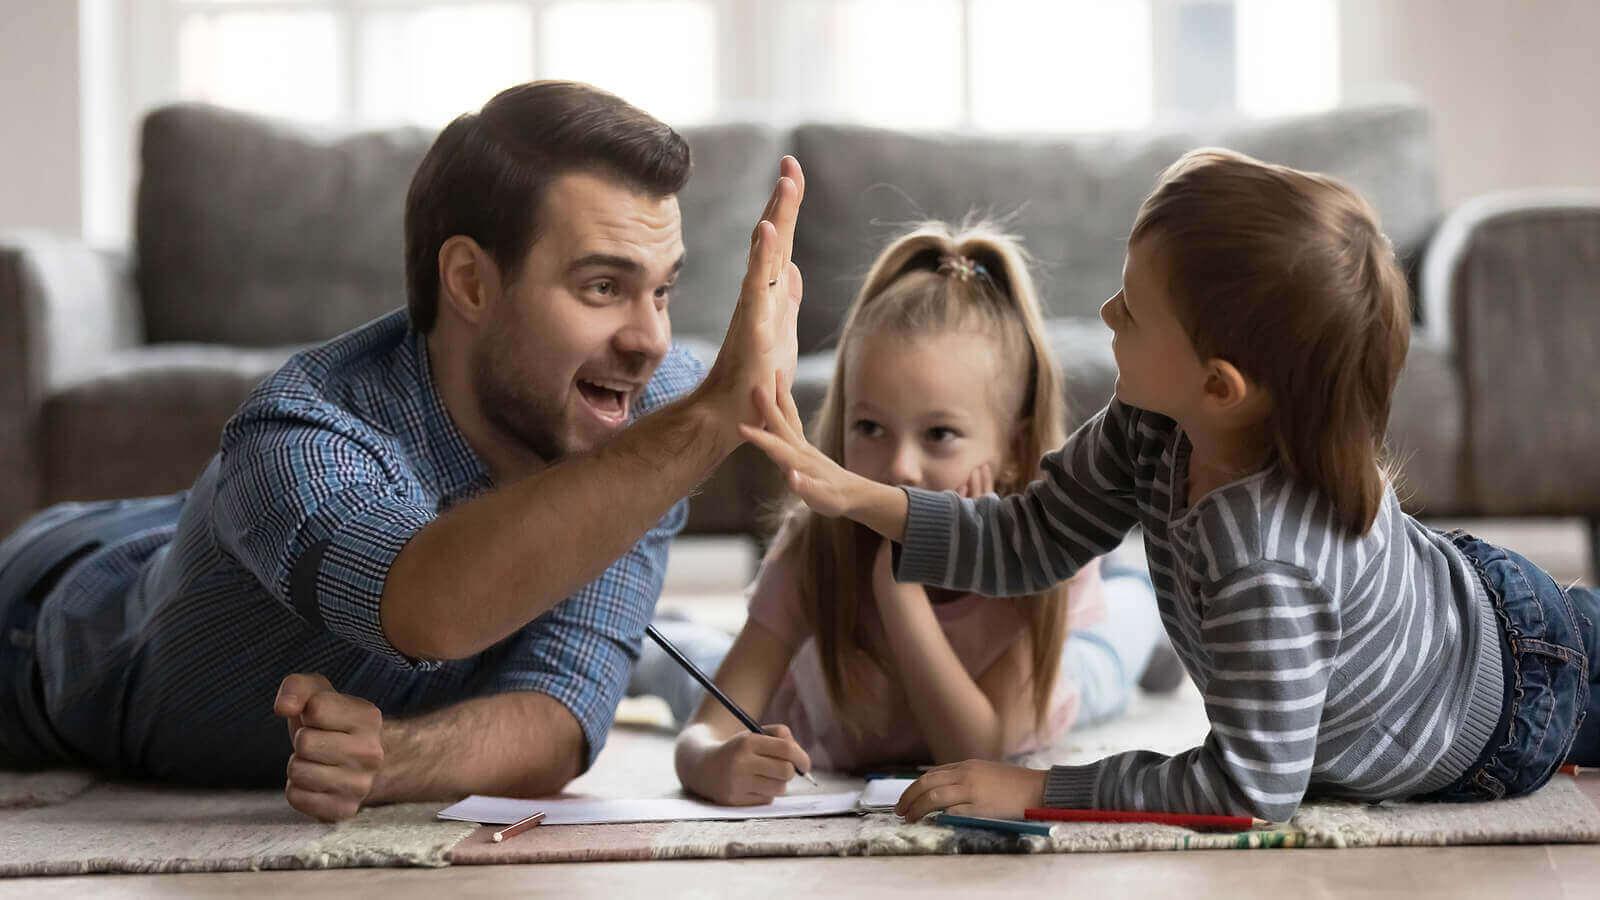 Gi barn alternativer: Ikke fortell dem hva de skal gjøre